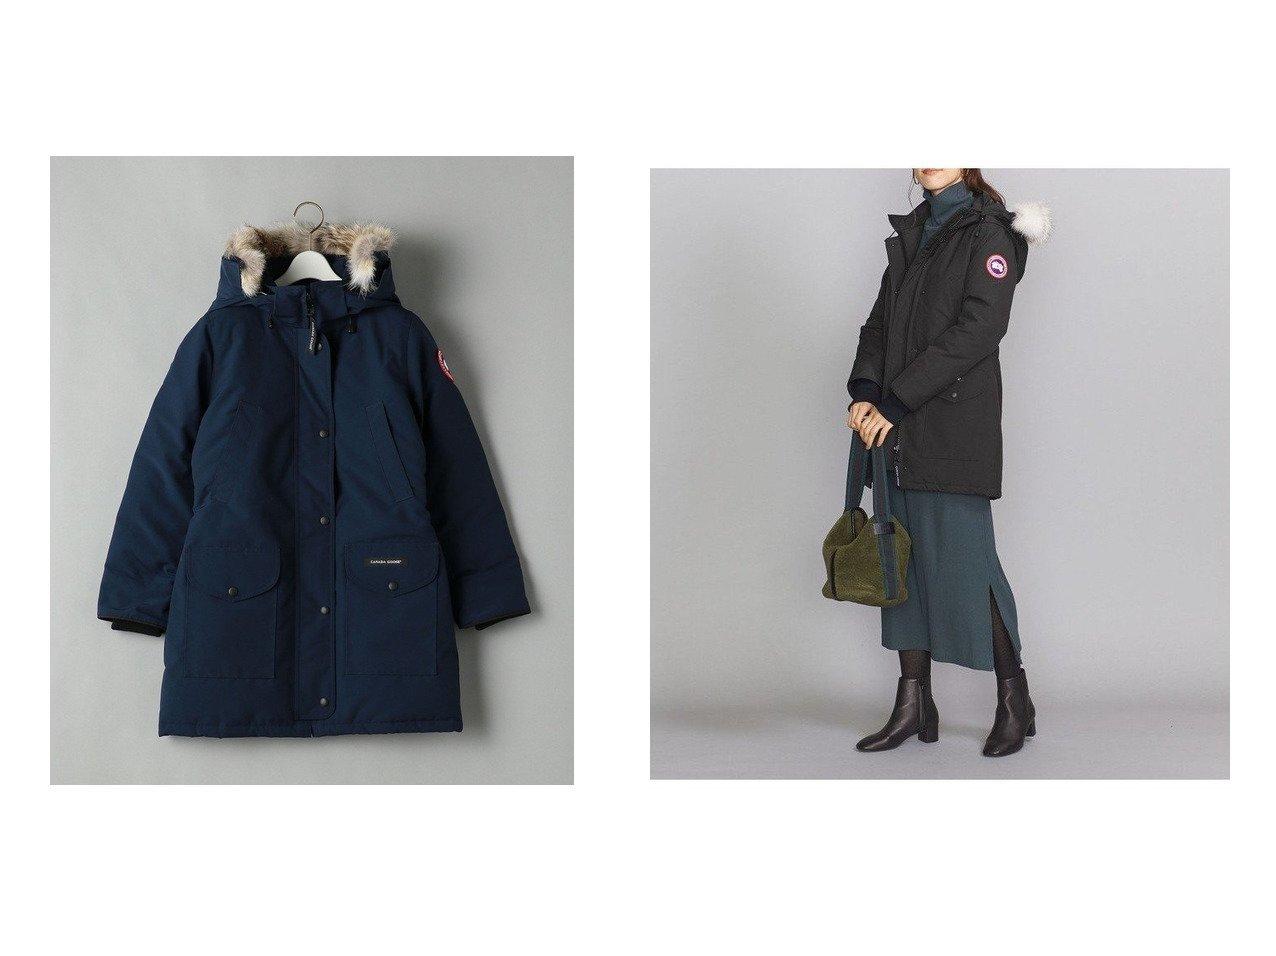 【BEAUTY&YOUTH UNITED ARROWS/ビューティアンド ユースユナイテッドアローズ】のTRILLIUM PARKA ダウンジャケット アウターのおすすめ!人気、トレンド・レディースファッションの通販 おすすめで人気の流行・トレンド、ファッションの通販商品 メンズファッション・キッズファッション・インテリア・家具・レディースファッション・服の通販 founy(ファニー) https://founy.com/ ファッション Fashion レディースファッション WOMEN アウター Coat Outerwear ジャケット Jackets エレガント ギャザー ジャケット ダウン ドローコード 定番 Standard 人気 フィット モダン 冬 Winter |ID:crp329100000014504